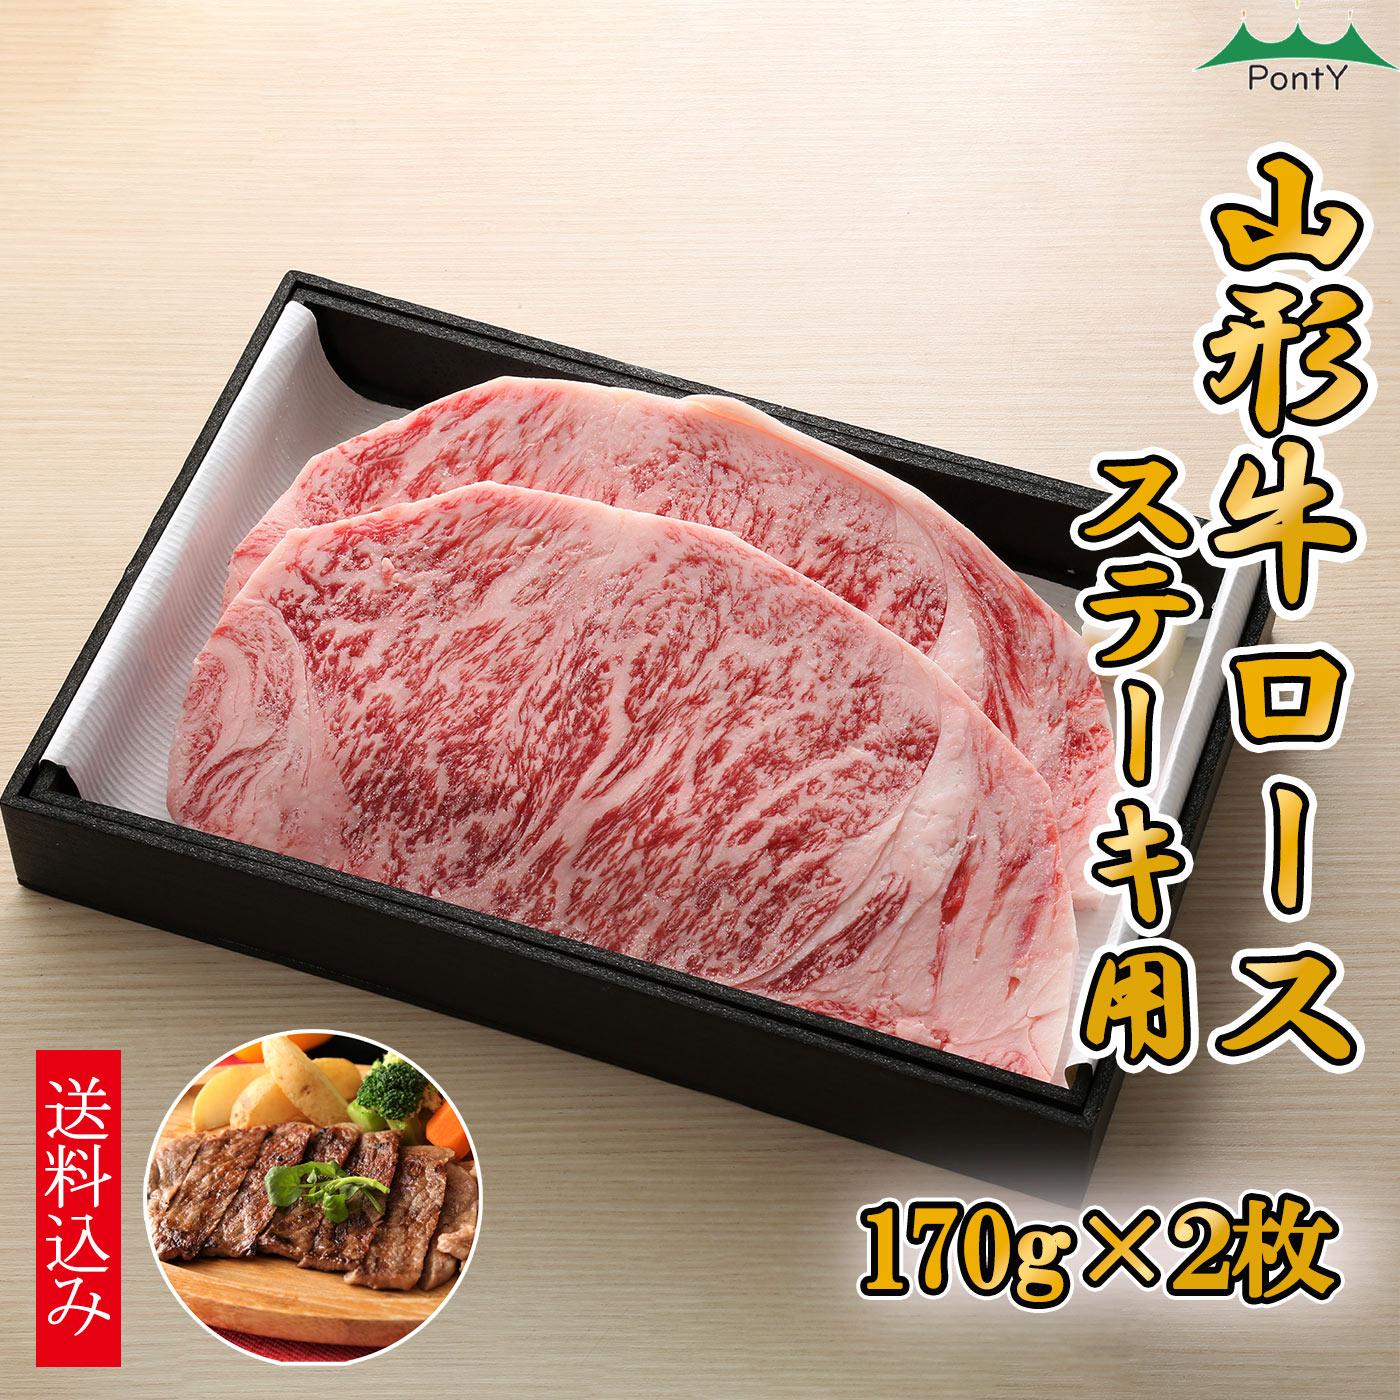 山形牛 ロース ステーキ用【冷凍】340g(170g×2)